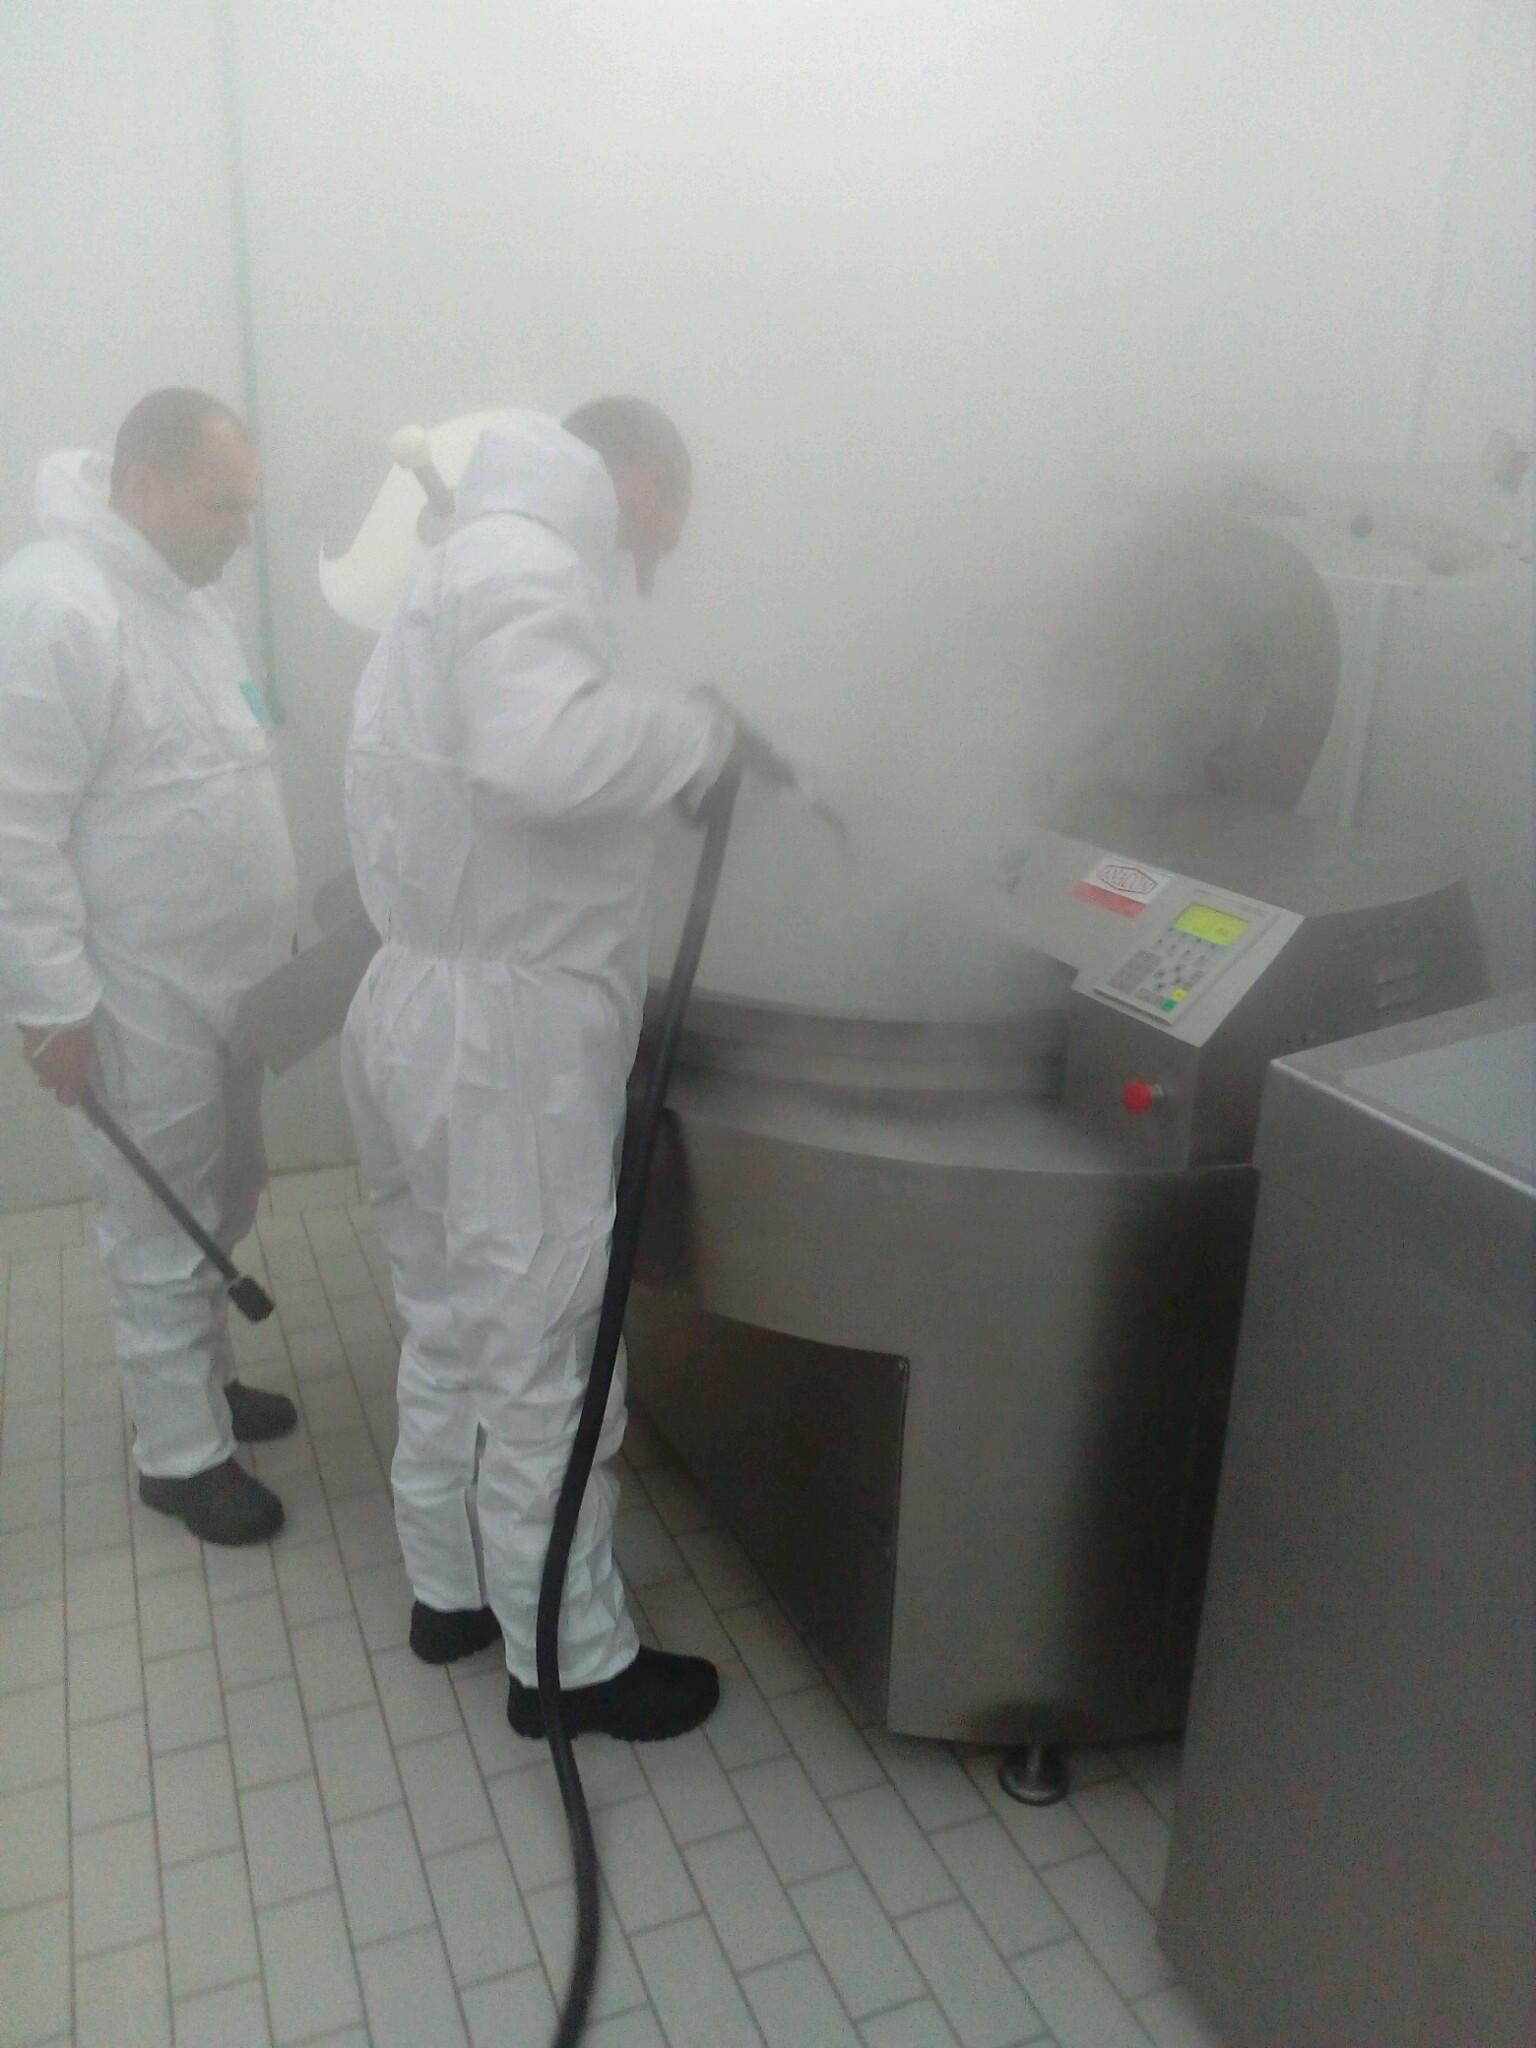 Dezinfekcija. Profesionalni i industrijski Menikini paročistači i uređaji za čišćenje, odmašćivanje i dezinfekcije suvom parom. Suva para za dezinfekciju i čišćenje u prehrambenu industriju i ugostiteljstvo.